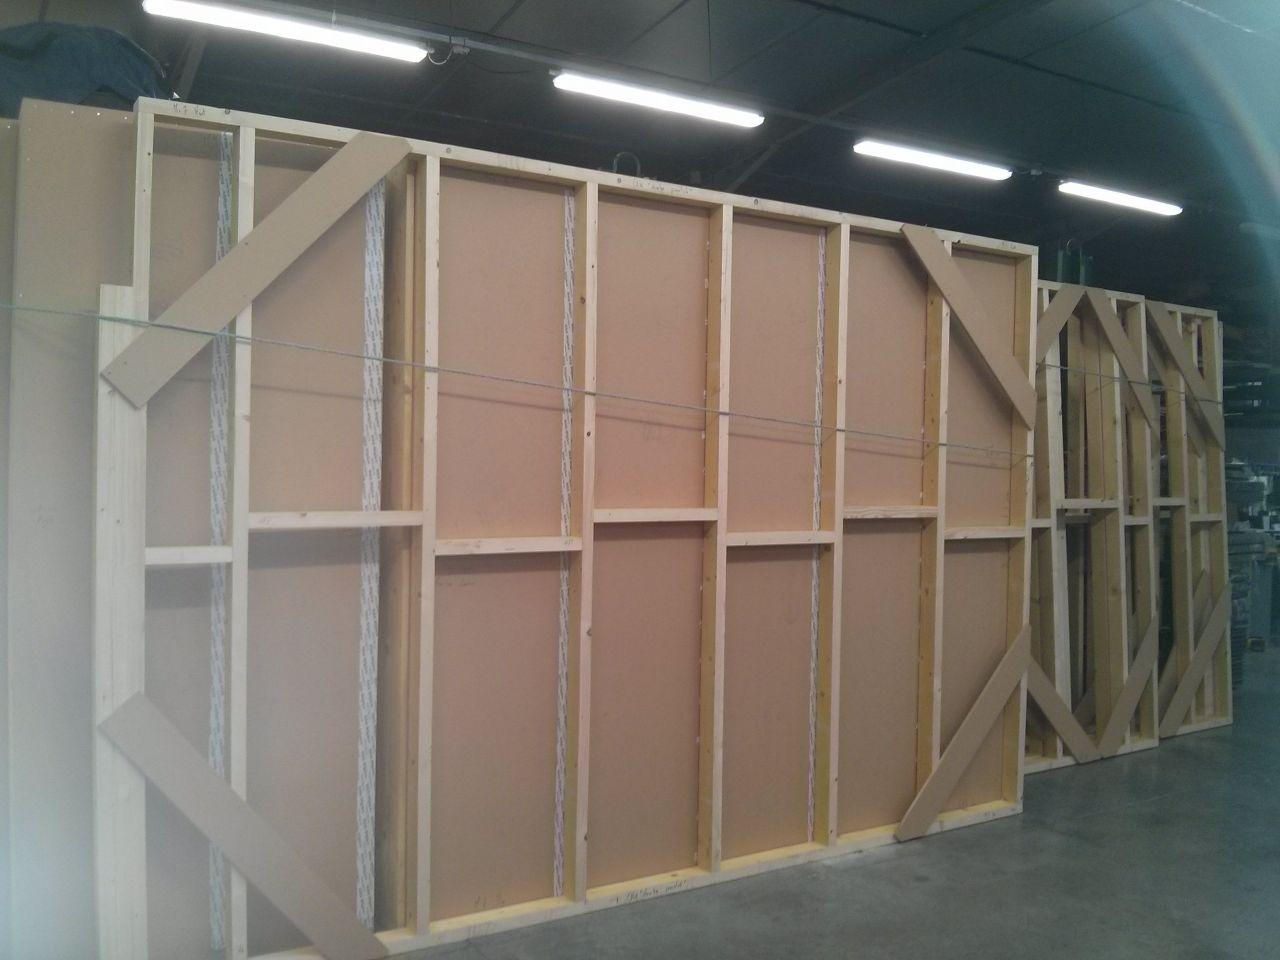 Stockage de tous les murs en attendant le transport sur le chantier